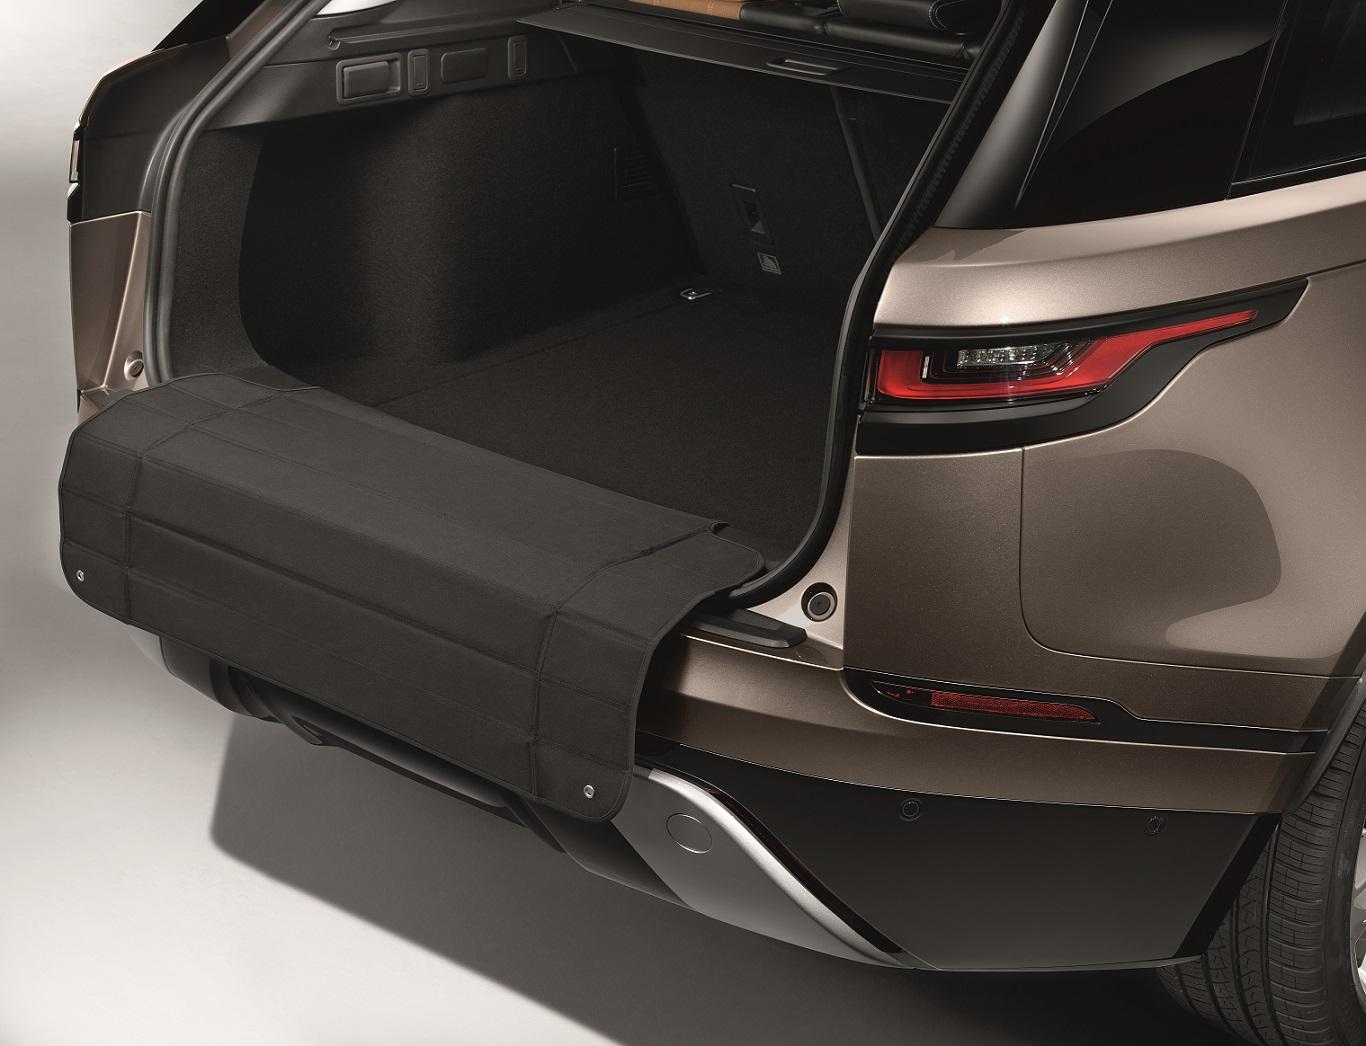 Мягкая защита заднего бампера при погрузке багажа для Range Rover Evoque